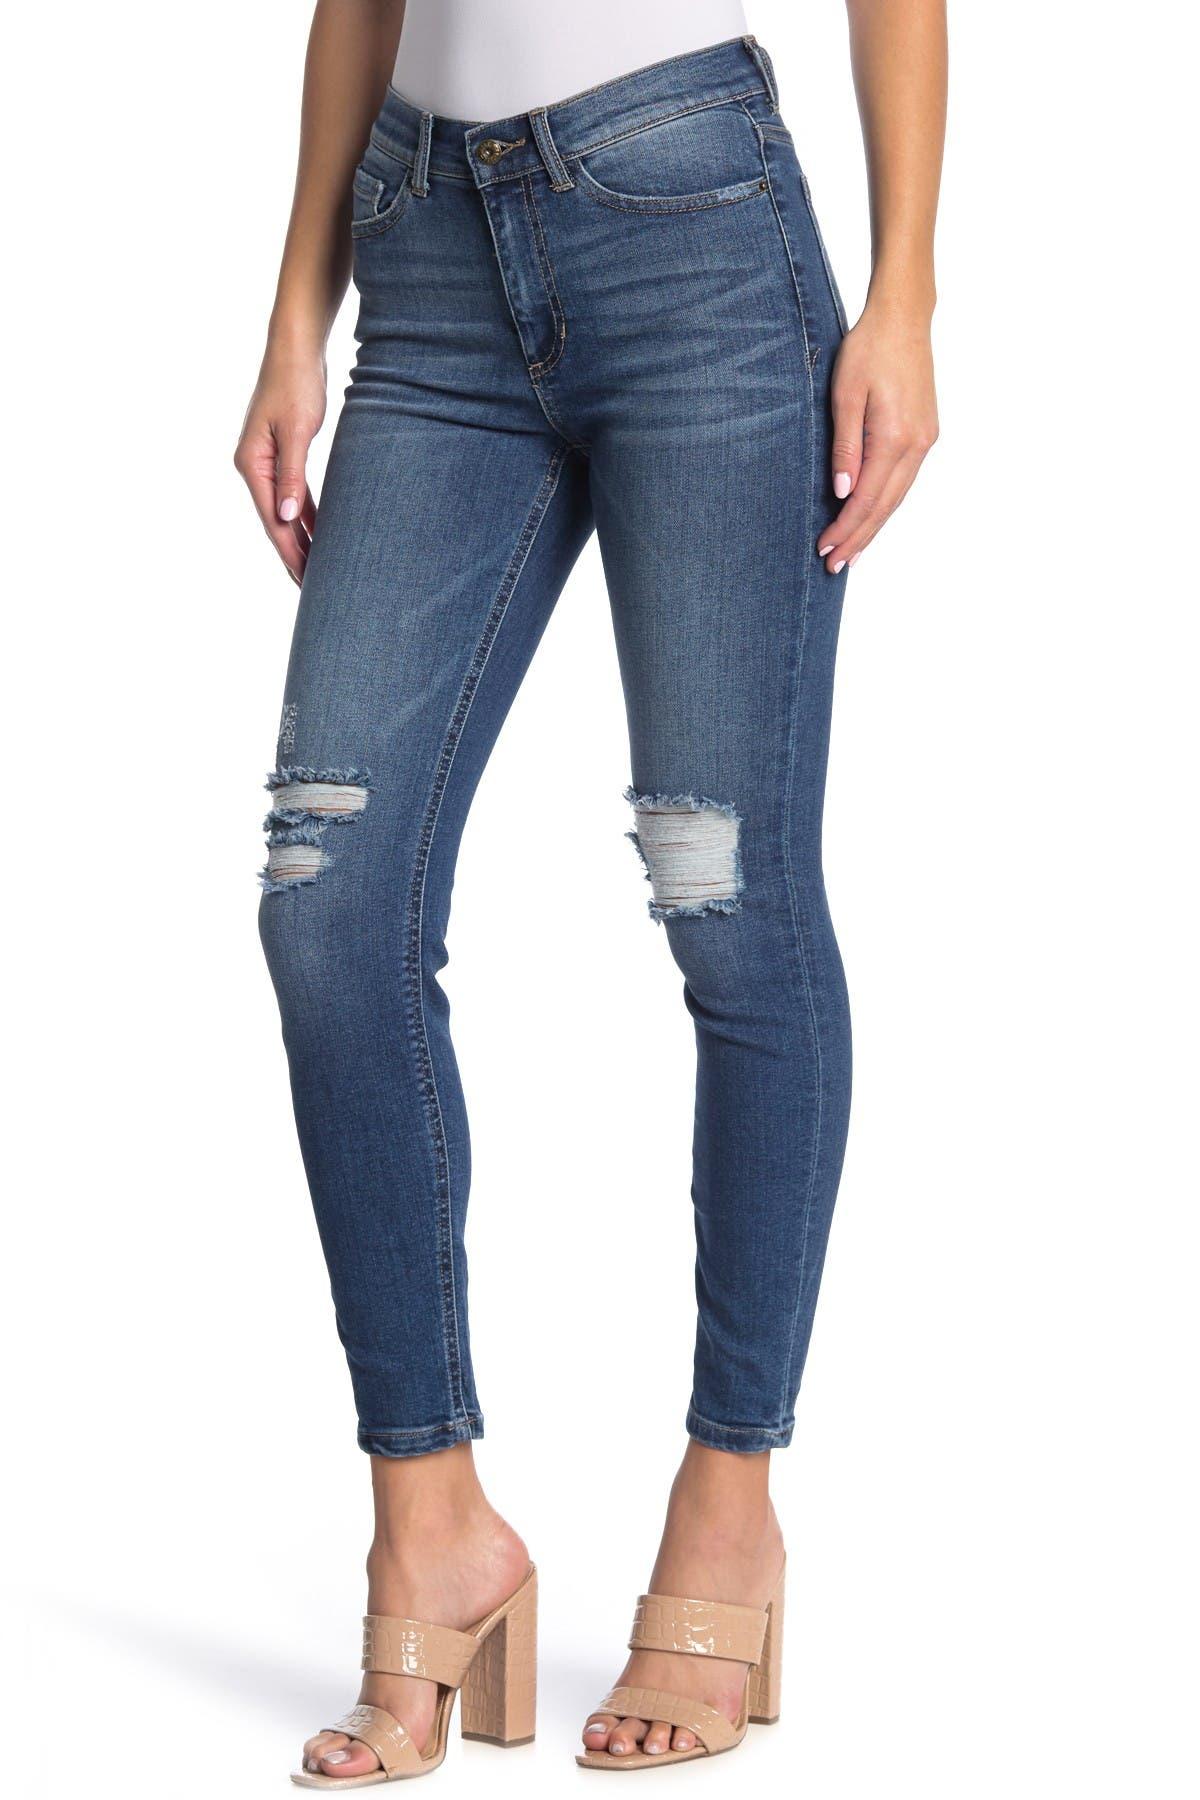 Image of Sneak Peek Denim Distressed Mid Rise Skinny Jeans